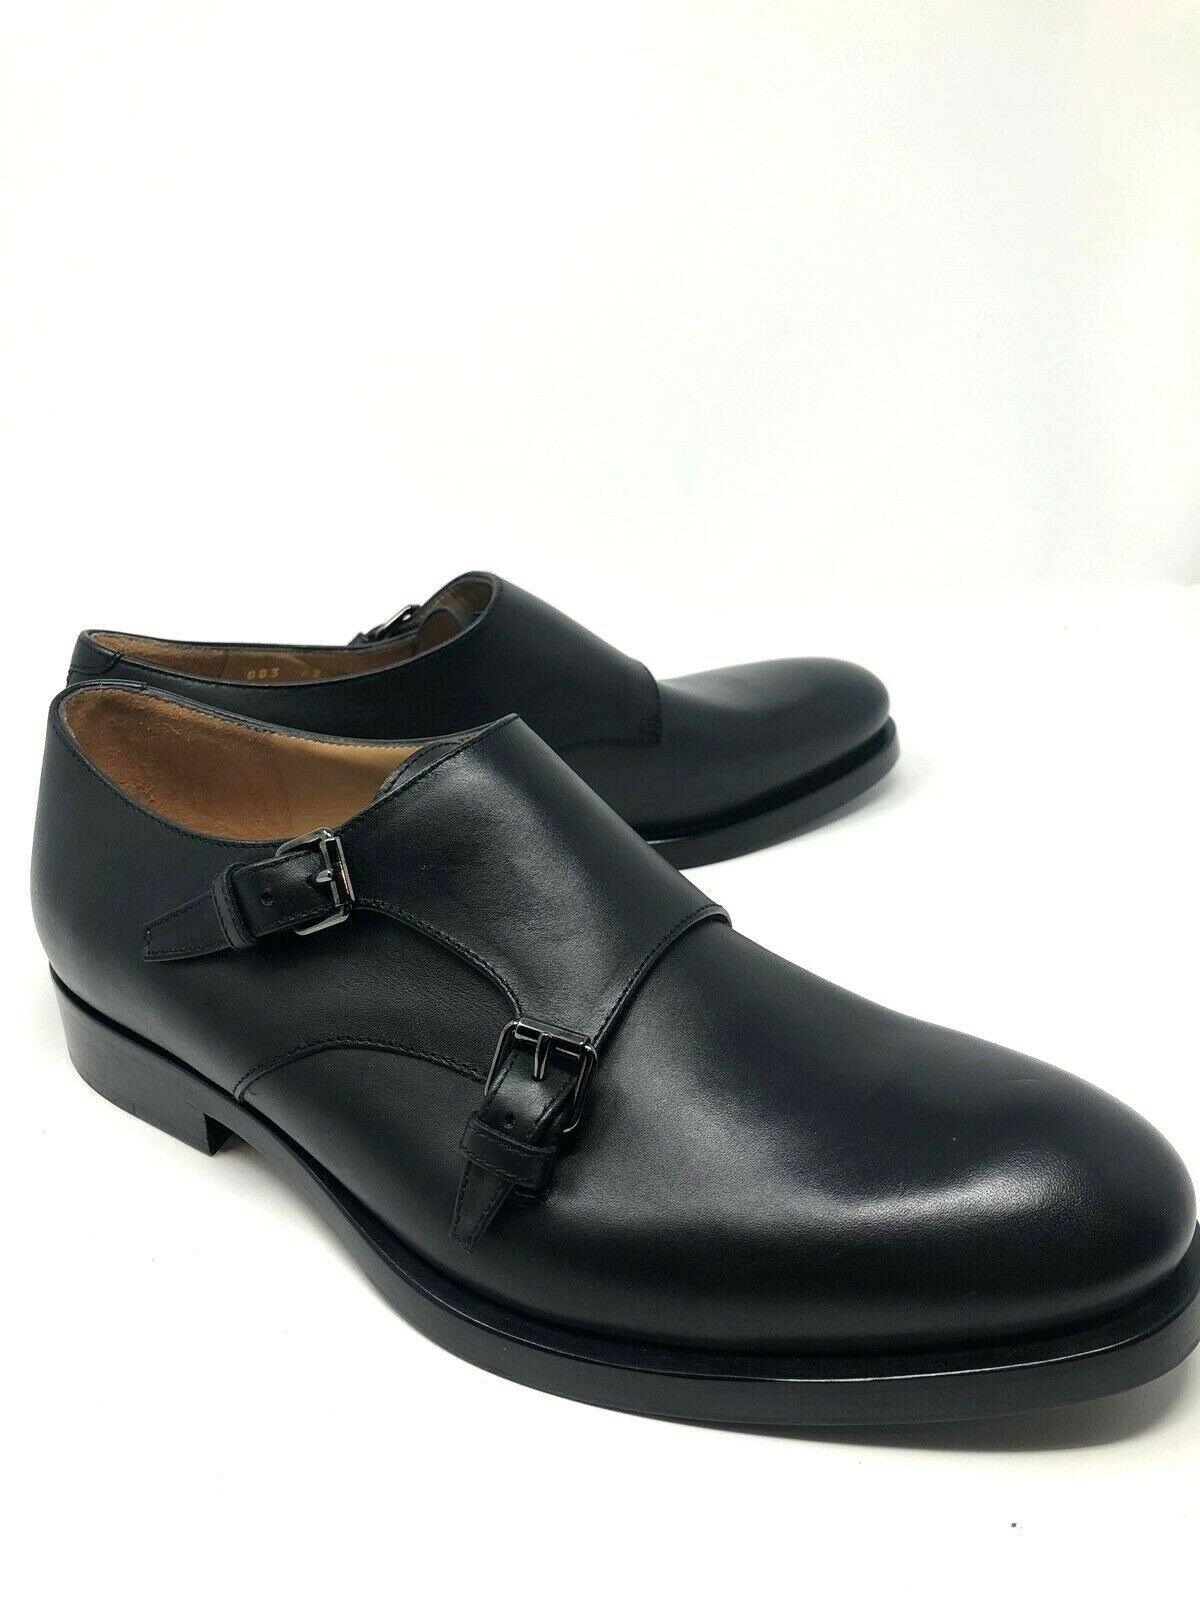 Nueva Valentino GARAVANI HOMBRES Zapatos Negros Doble Munk EE. UU. 8 Reino Unido 42 UE